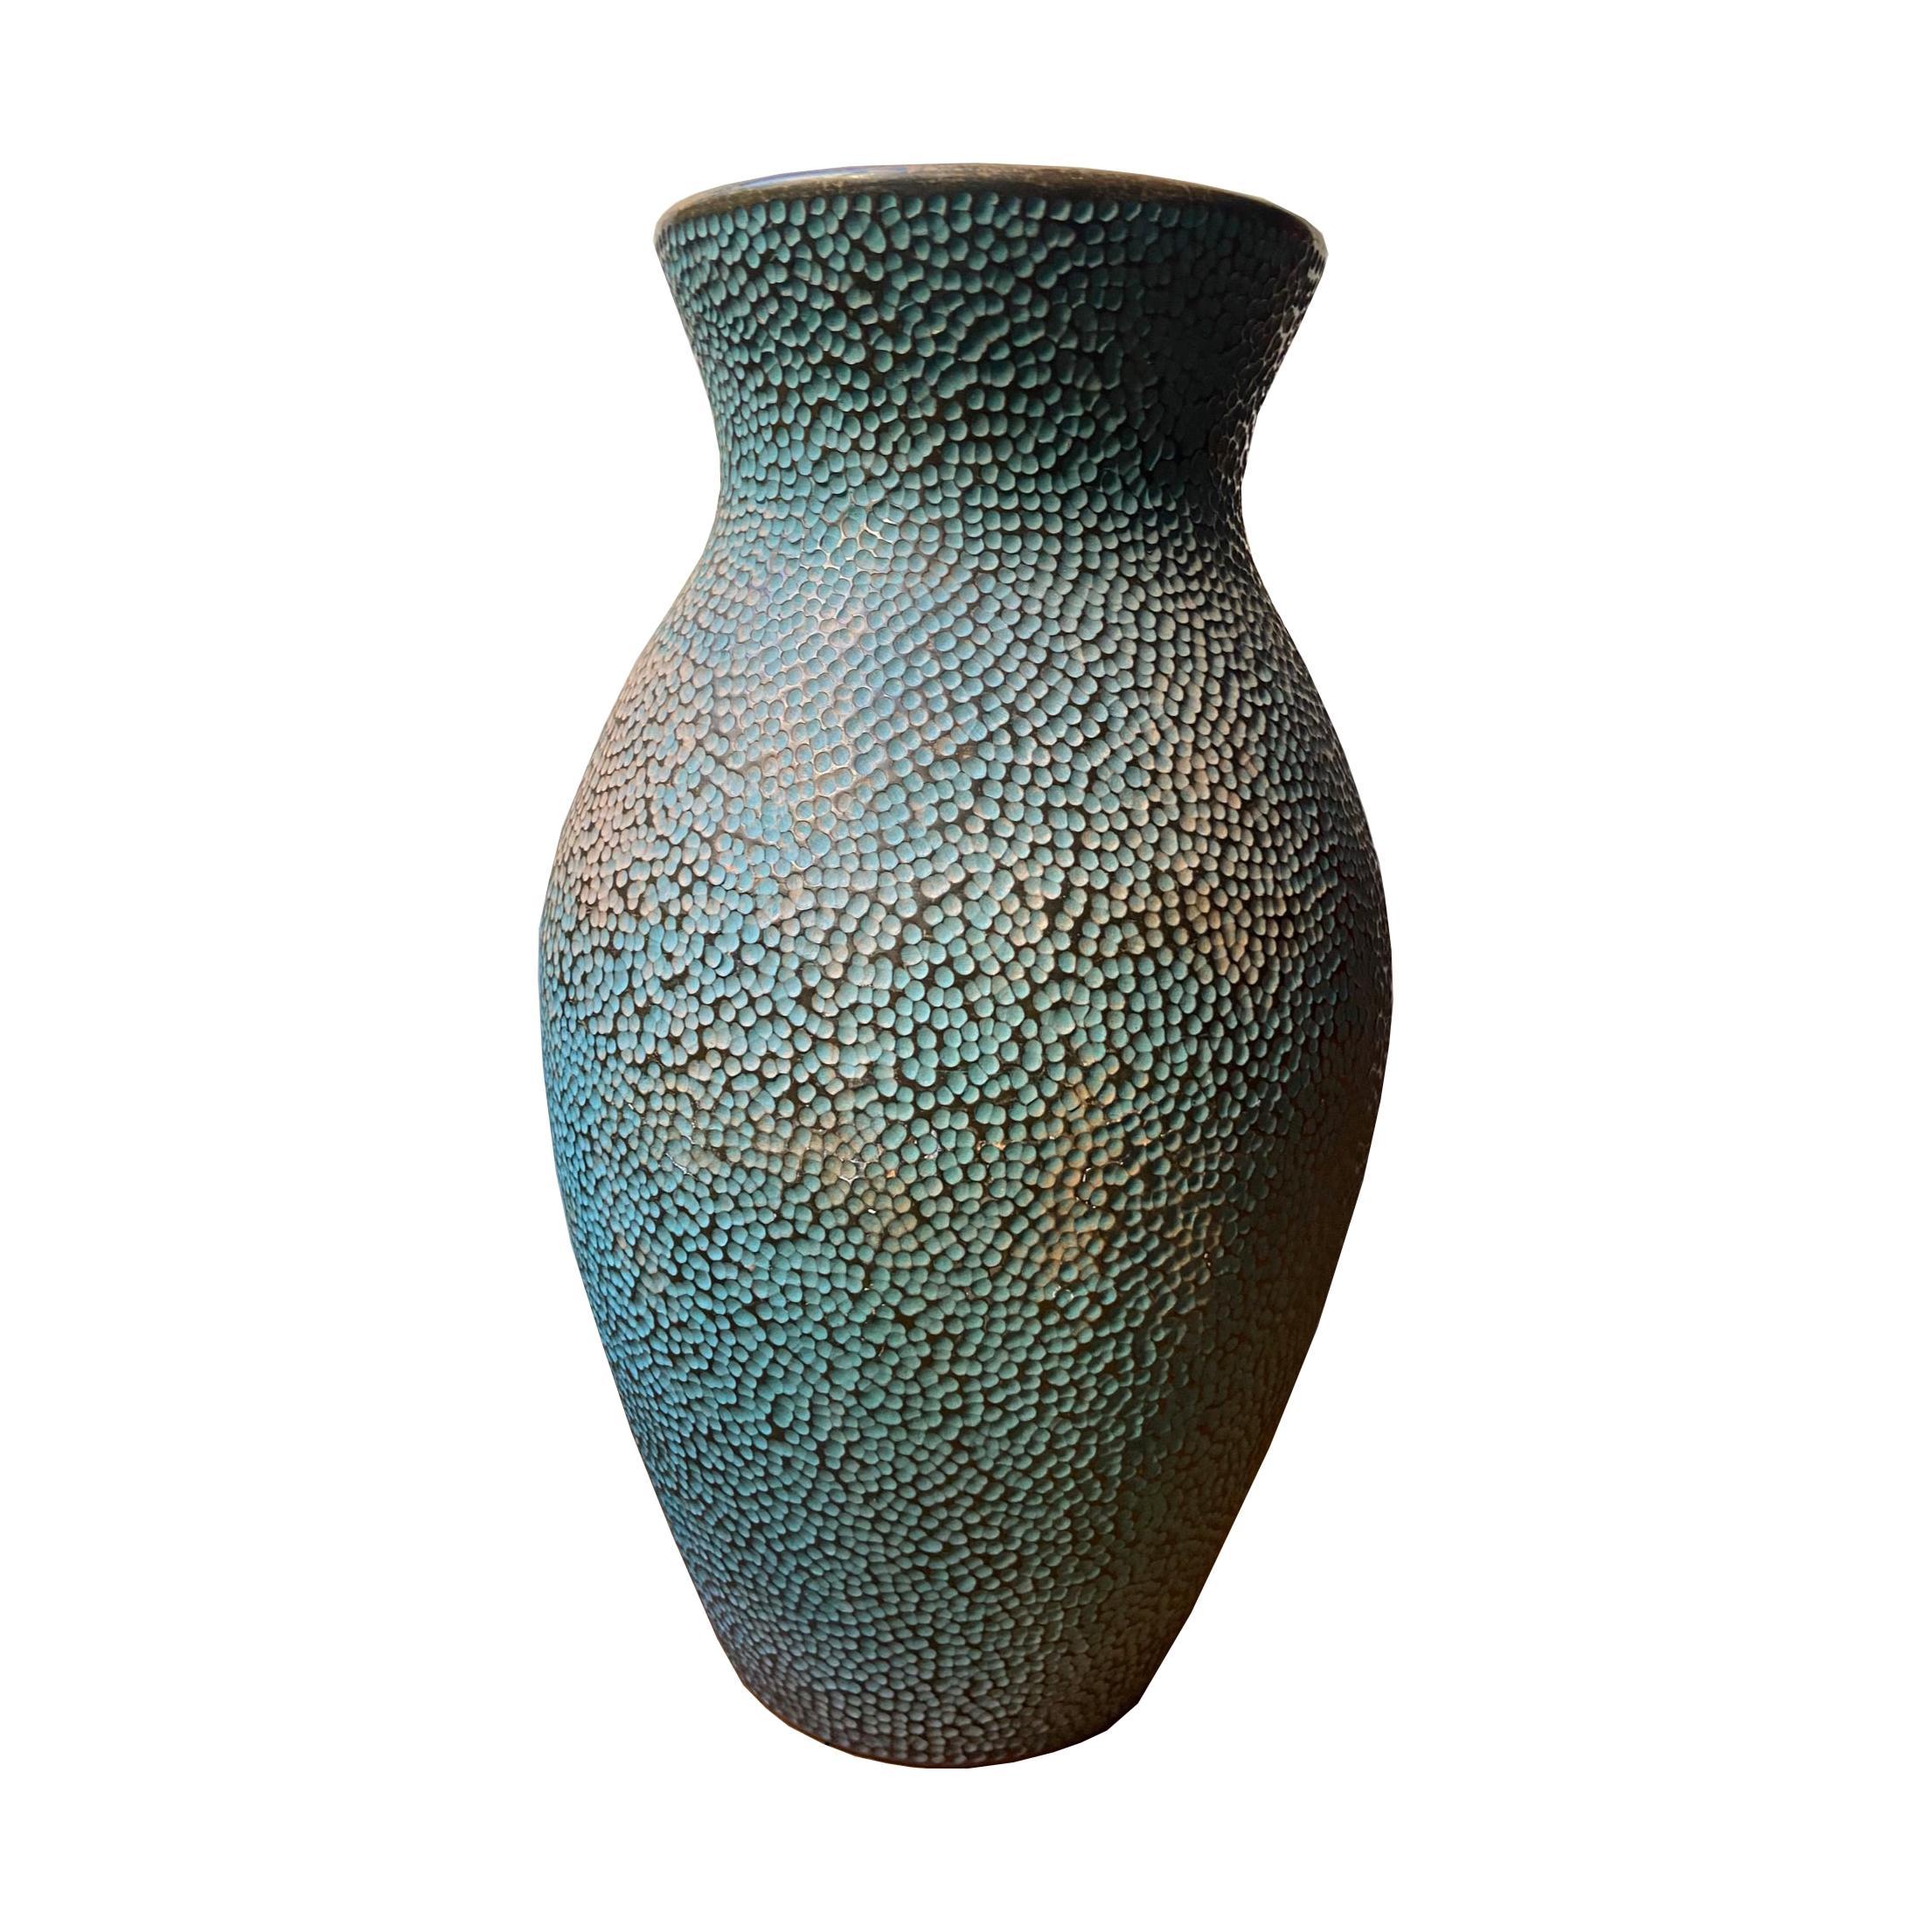 Gastone Batignani Engraved Ceramic Vase, Italy 1940s